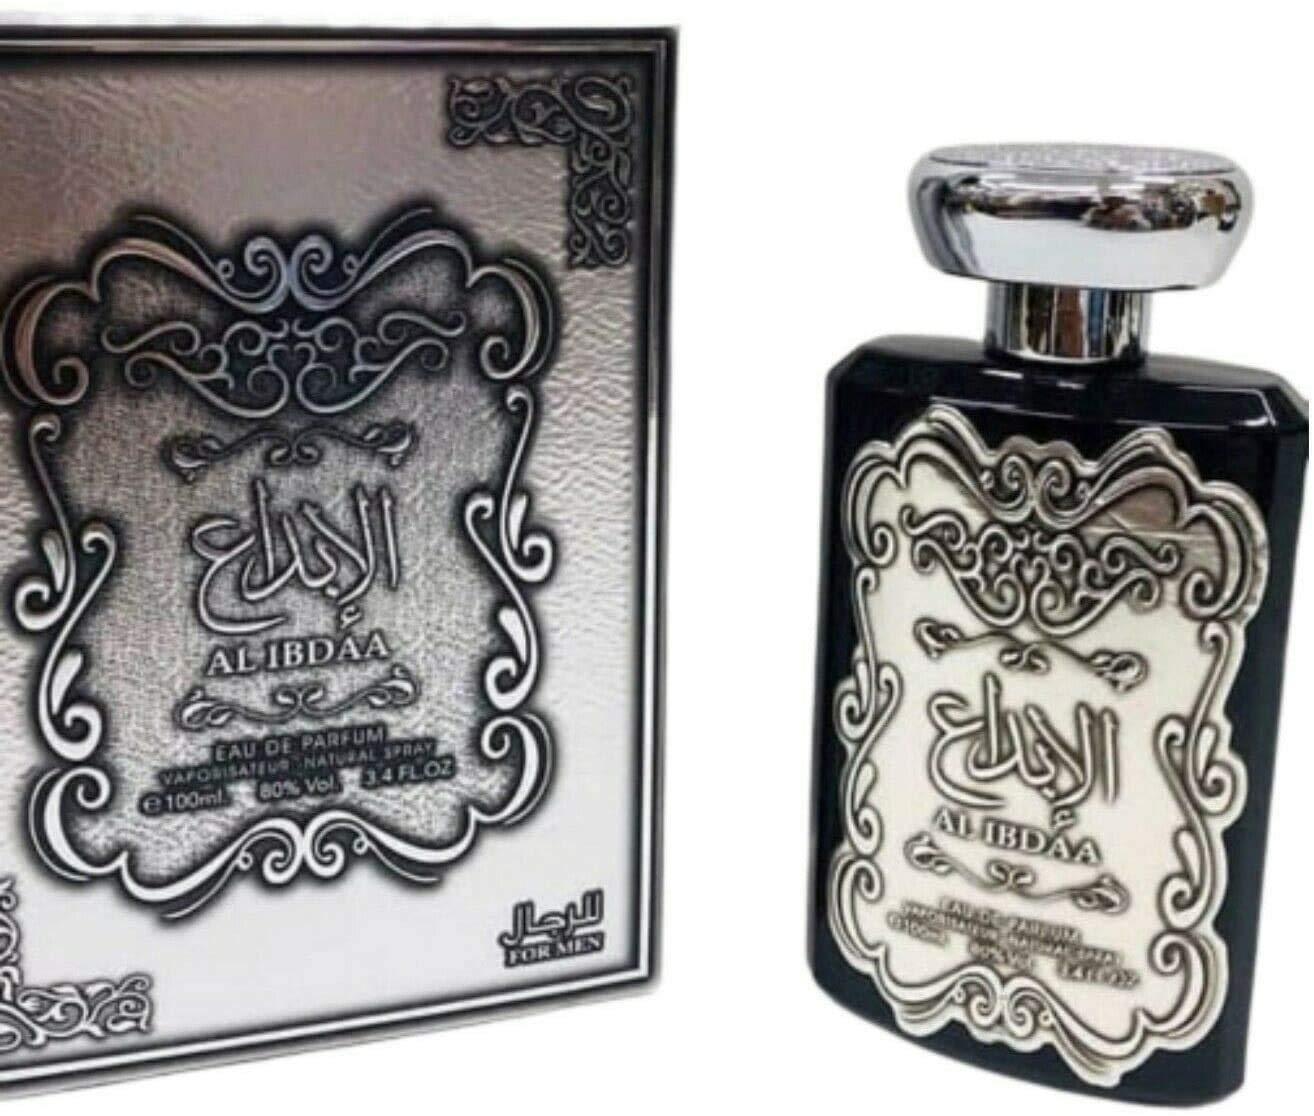 Parfüm Al Ibdaa für Herren ARD AL ZAAFARAN Eau de Parfum